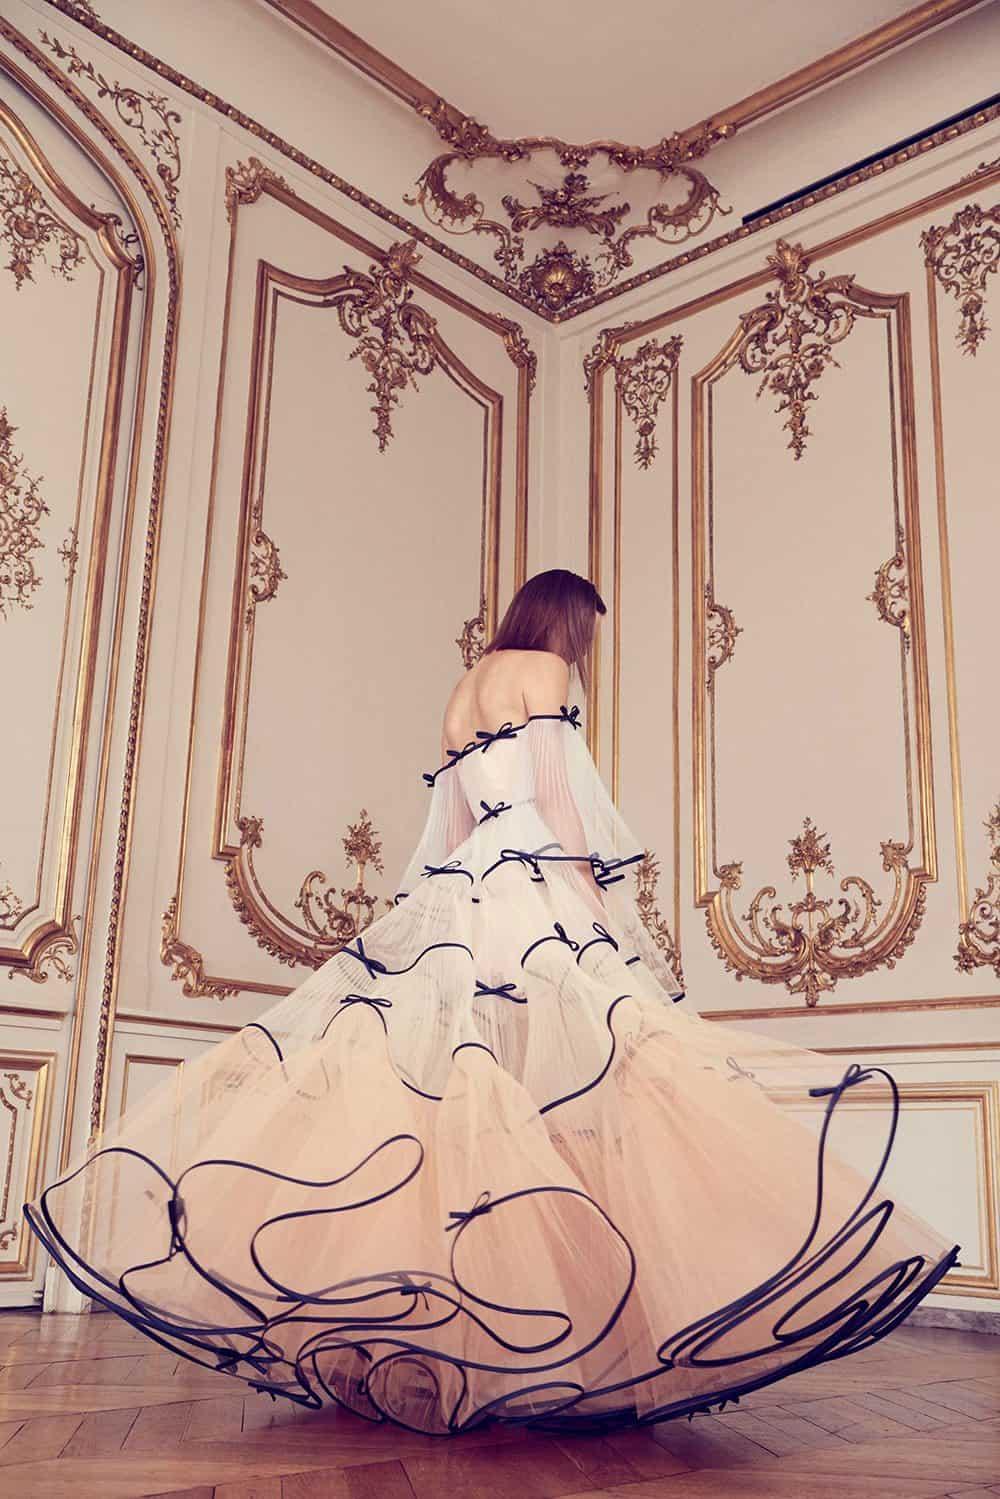 Alexis-Mabille-foto-reproducao-15